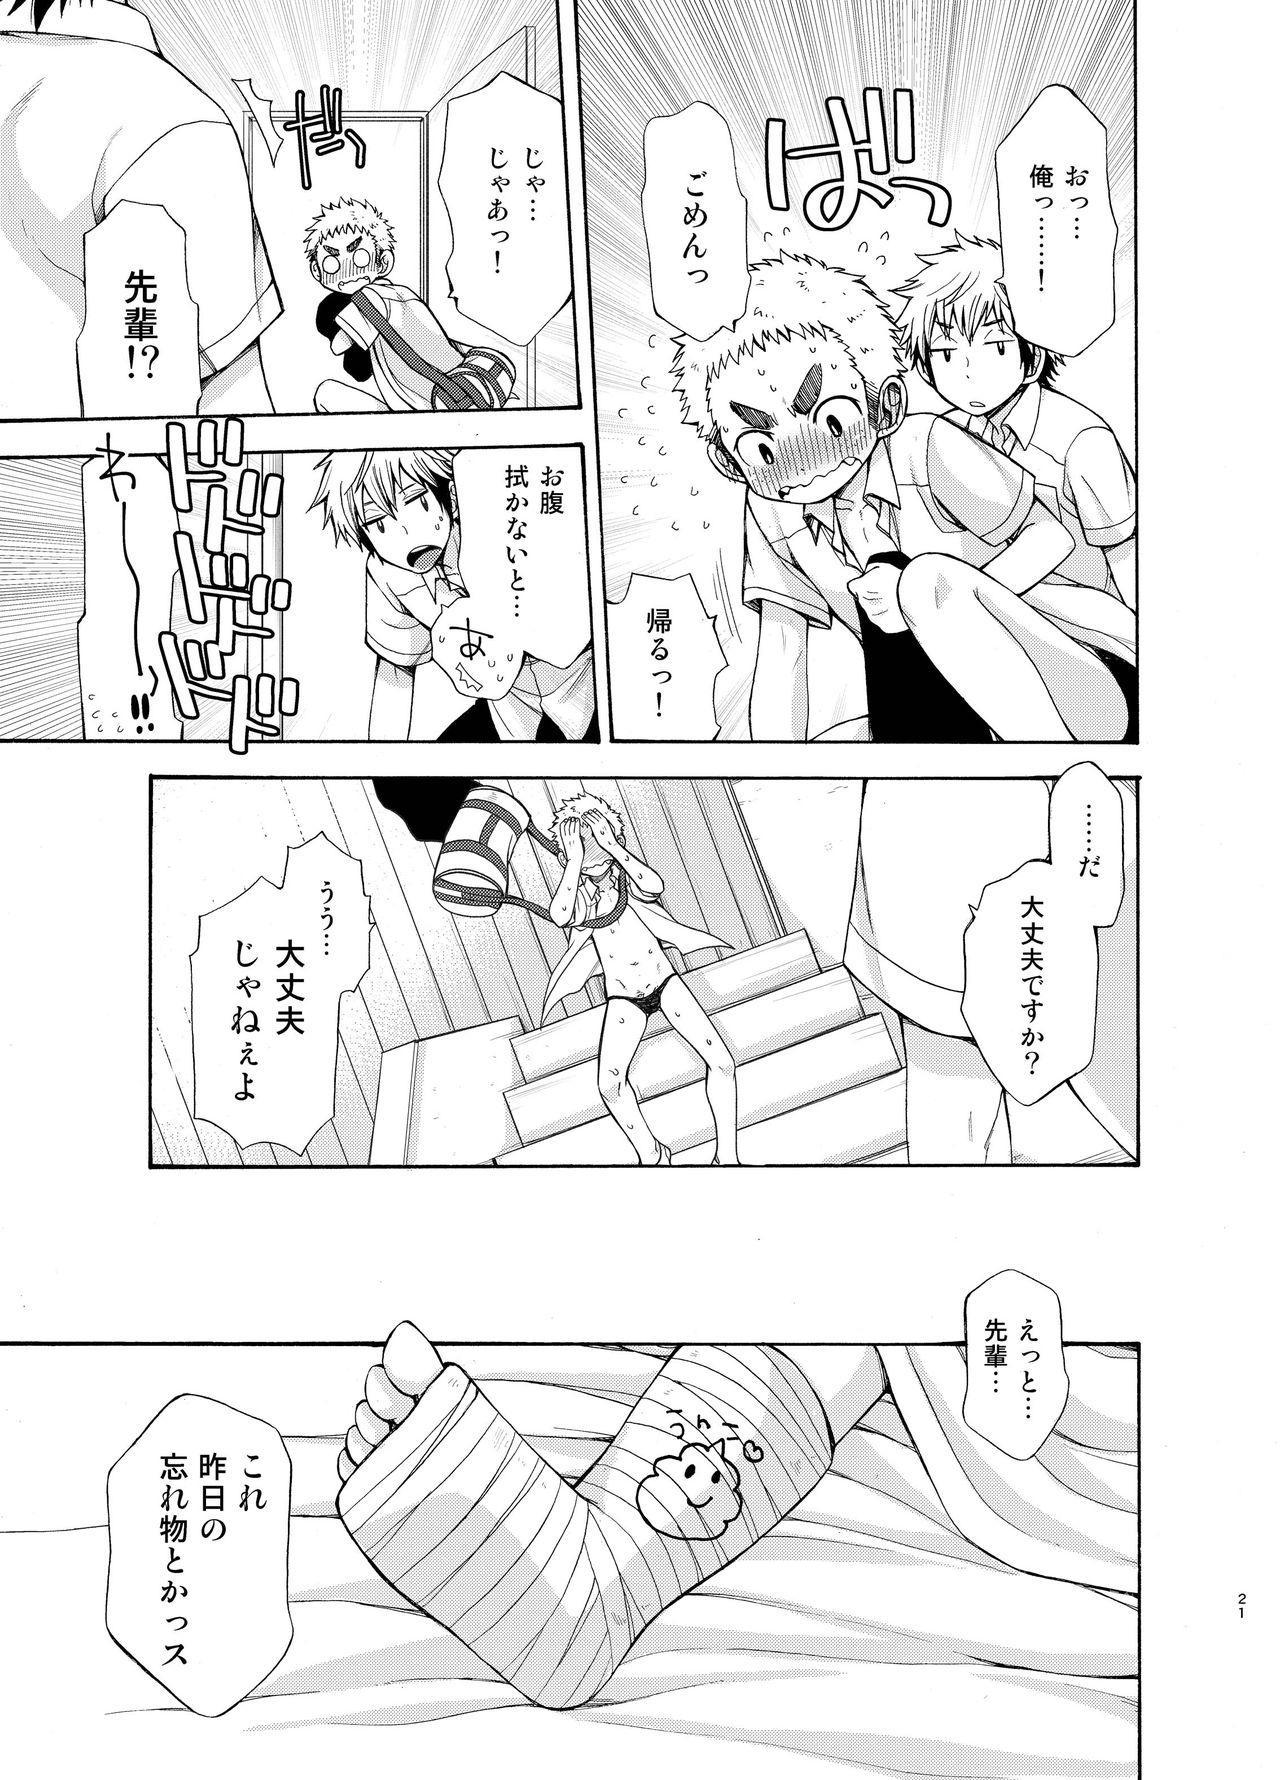 Yuuwaku ni Yowai Ore no Senpai 20